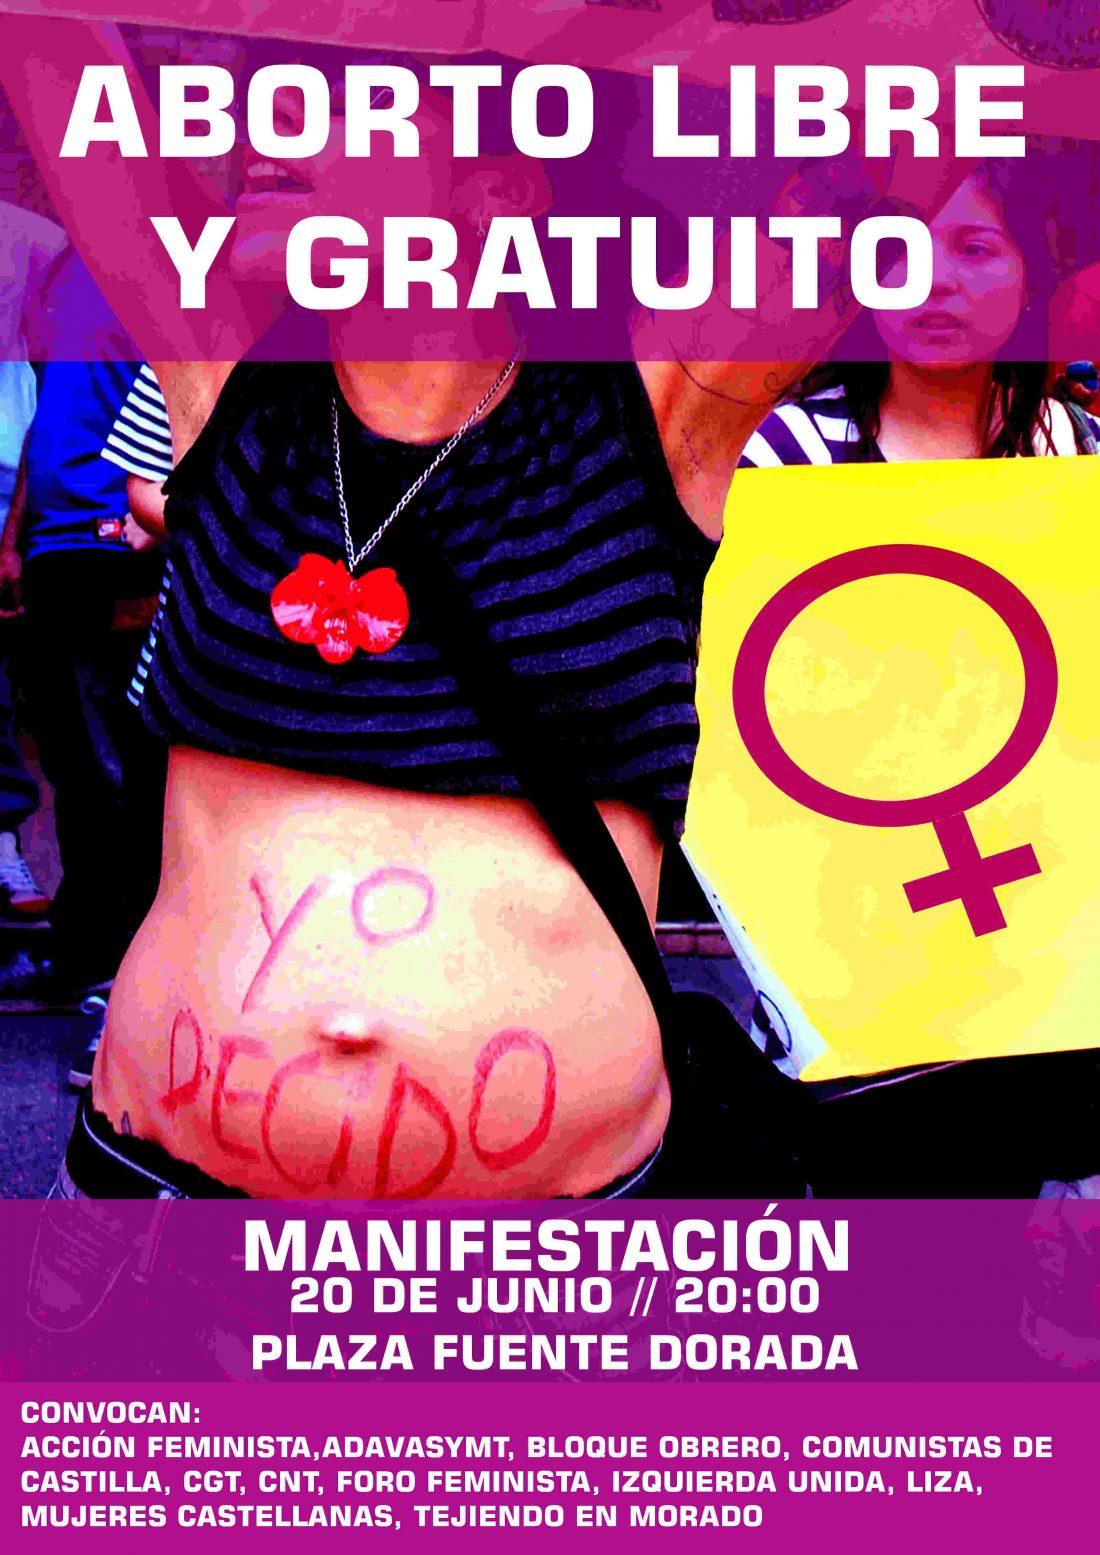 Manifestación 20-J Valladolid: Por el derecho a decidir, aborto libre y gratuito